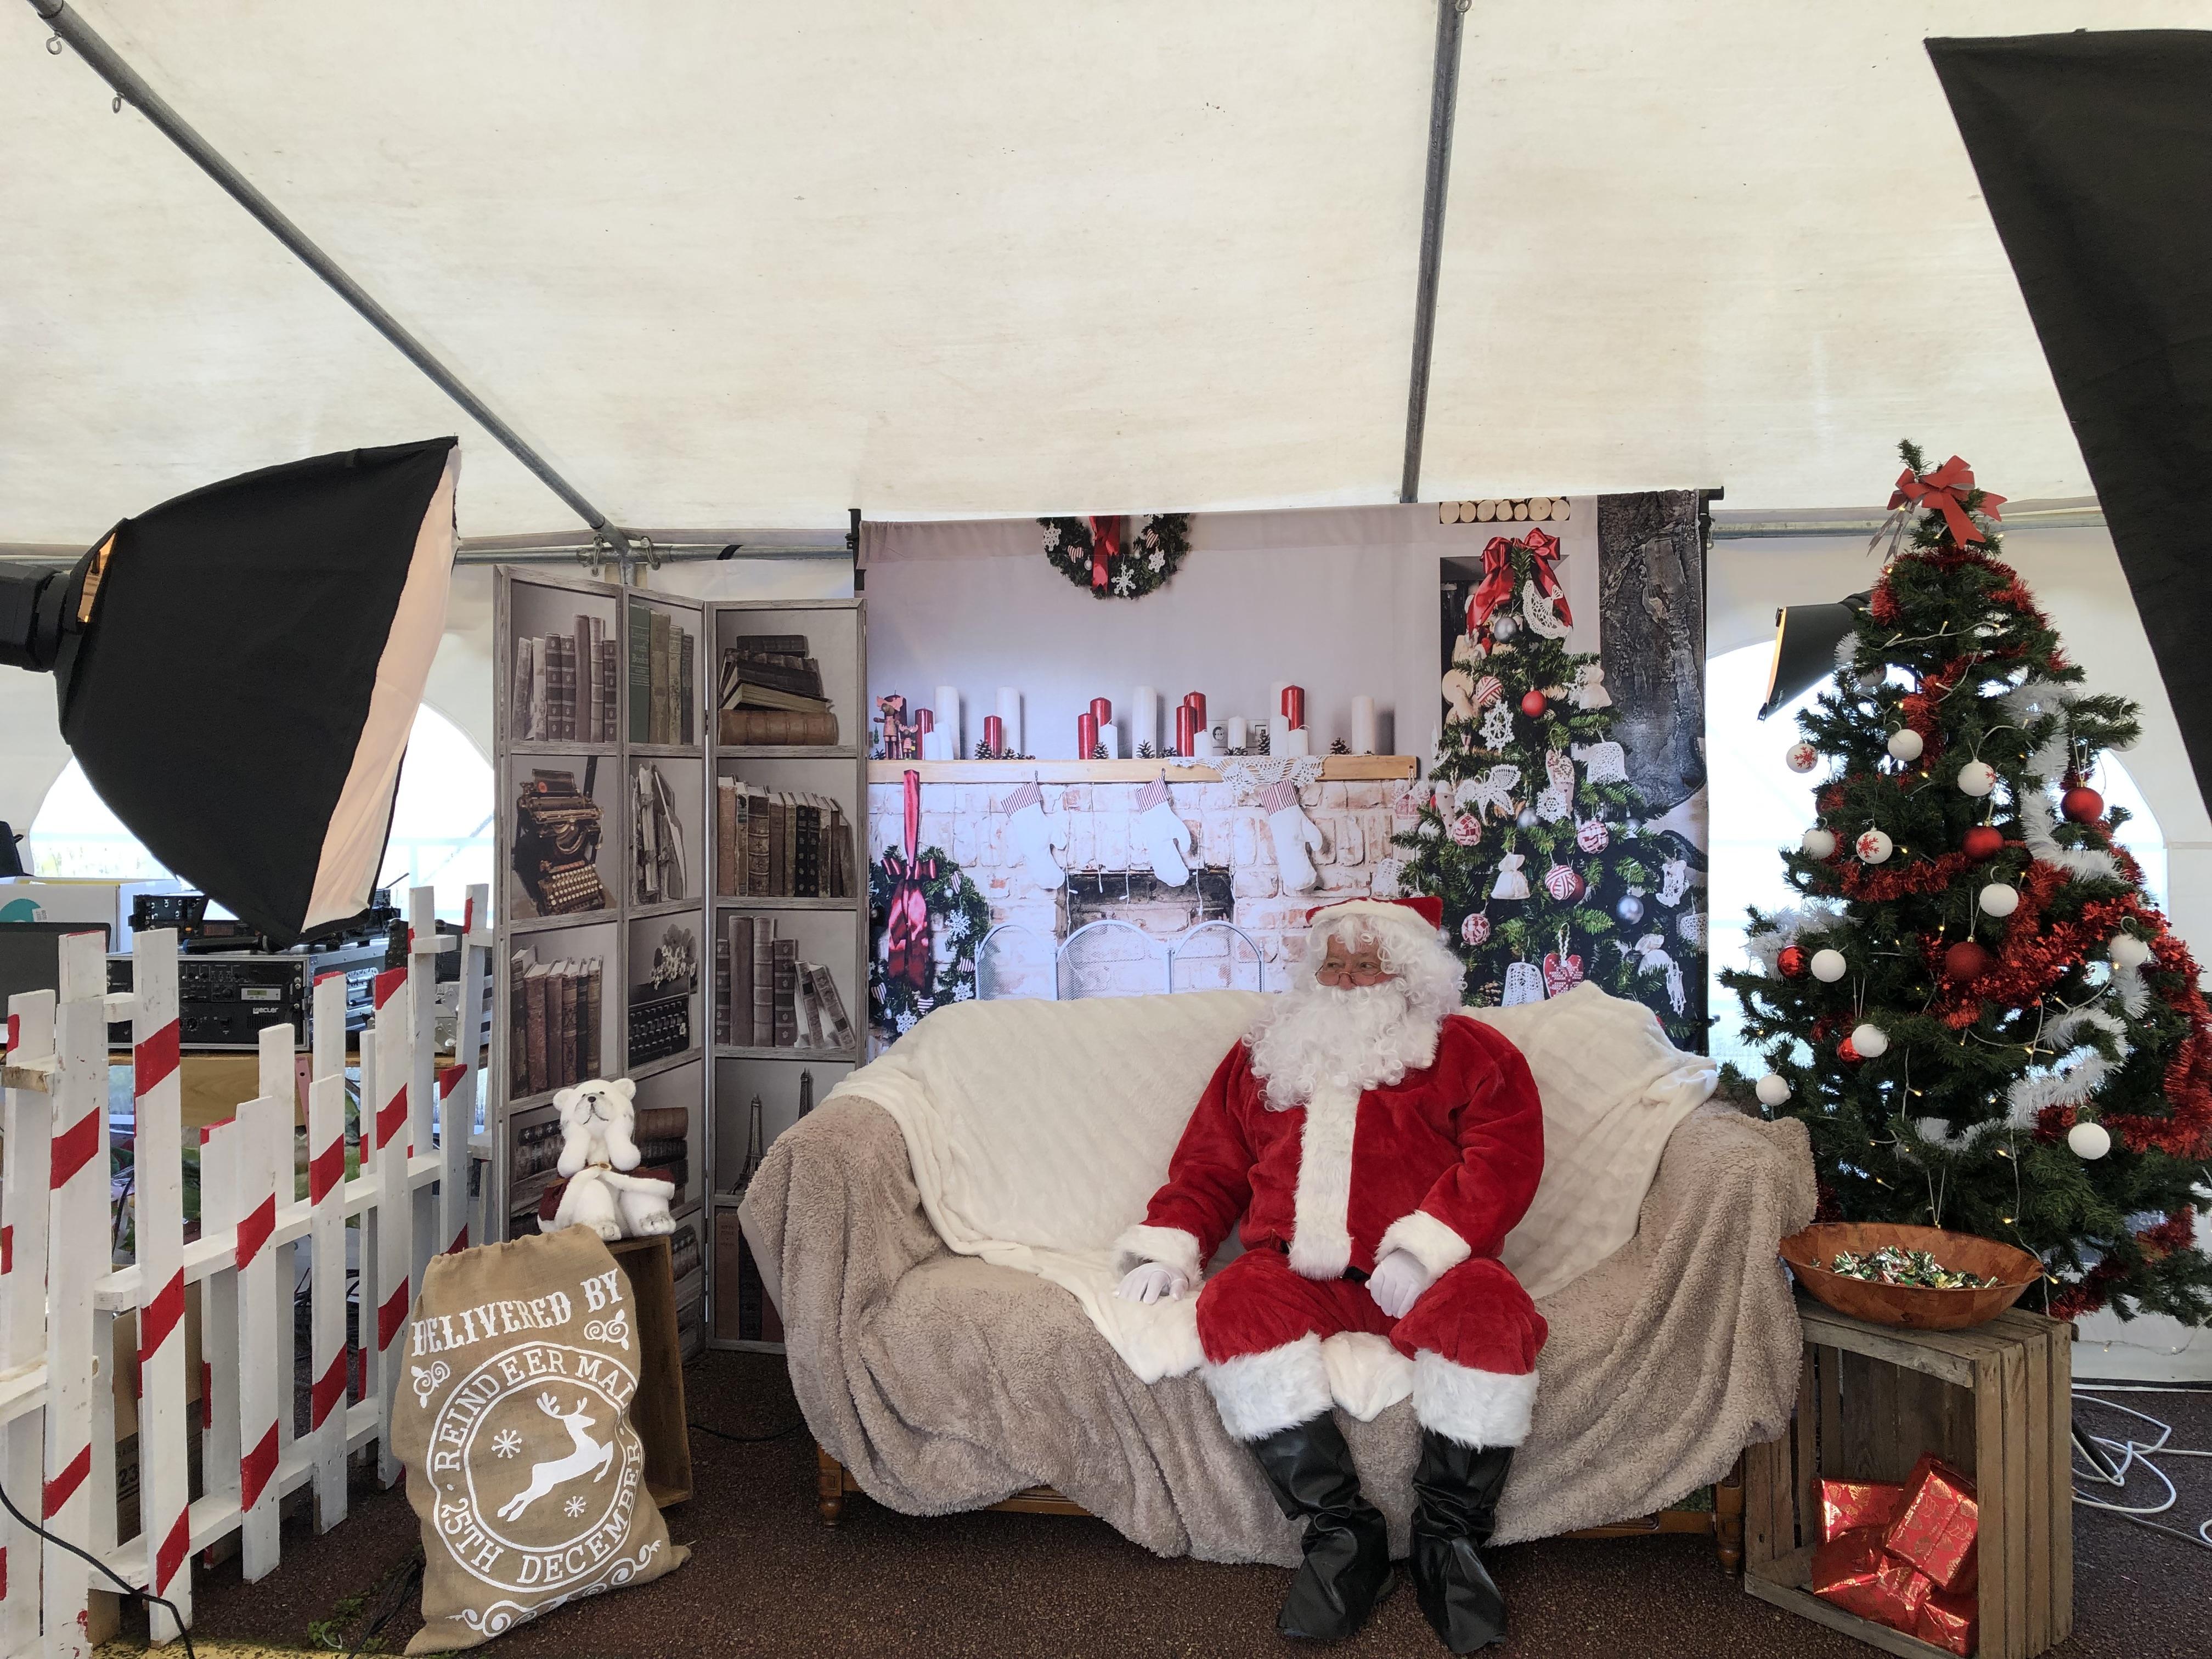 Studio, extérieur, enfants, noël, famille, sapin, Père Noël (2)